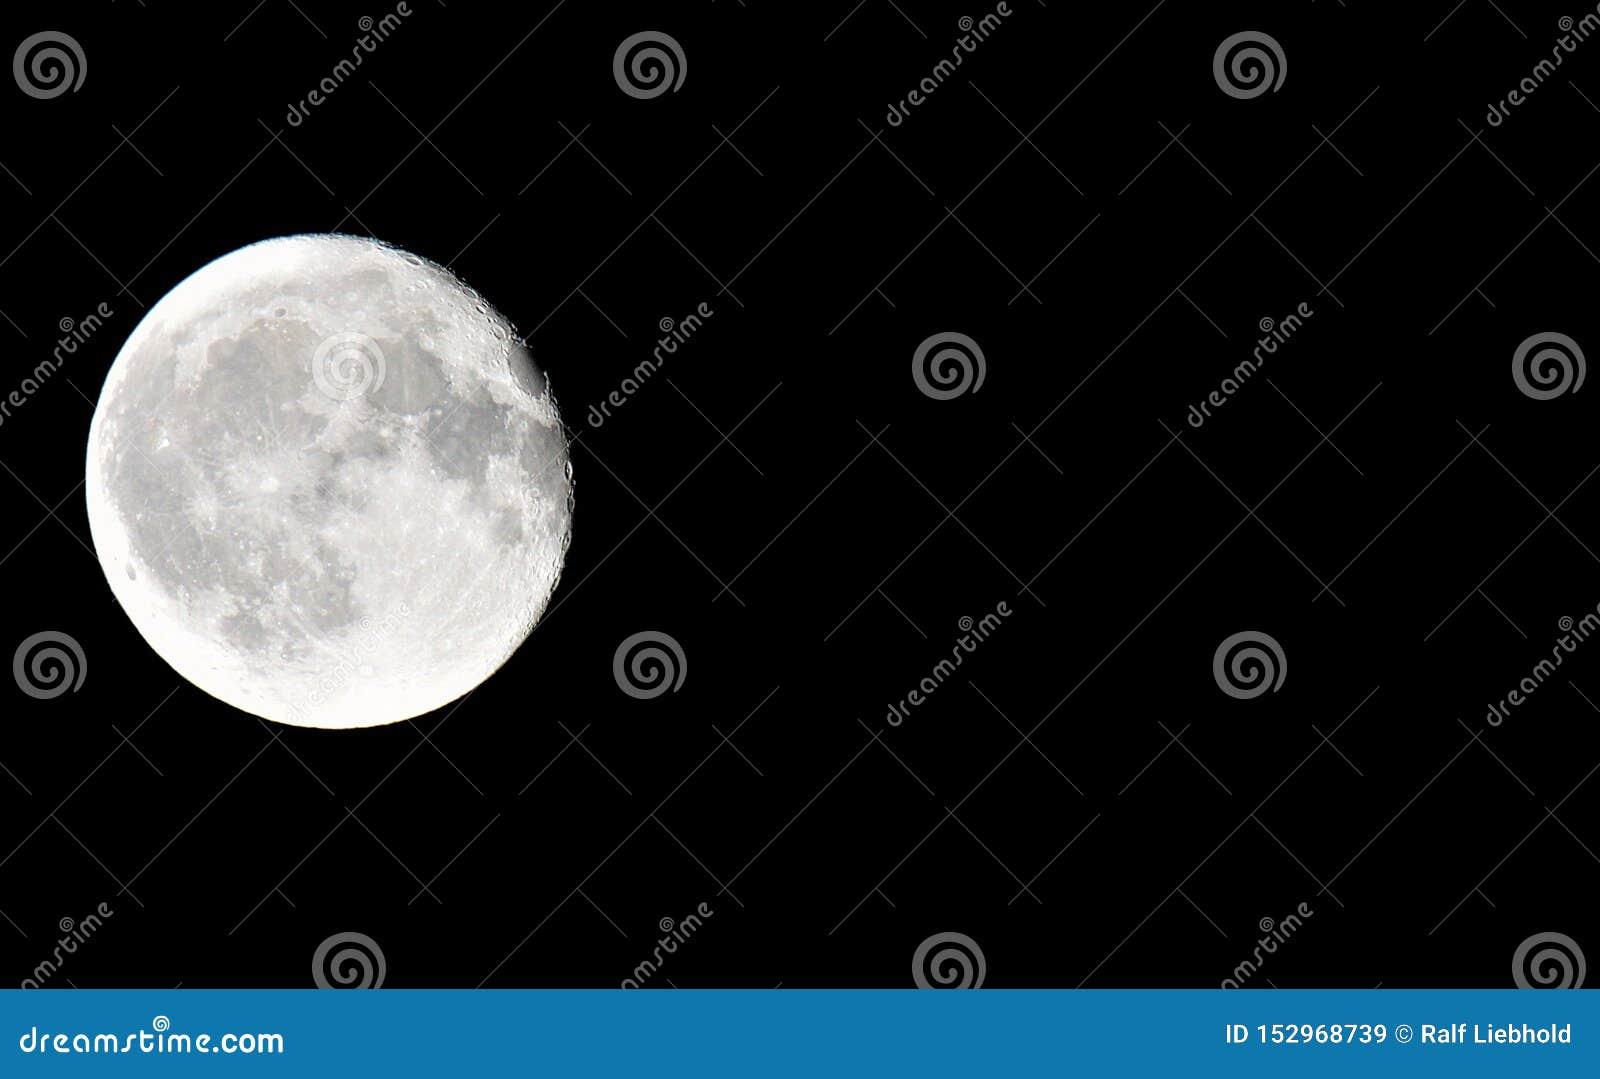 关闭满月有黑背景在与拷贝空间的照片的左面